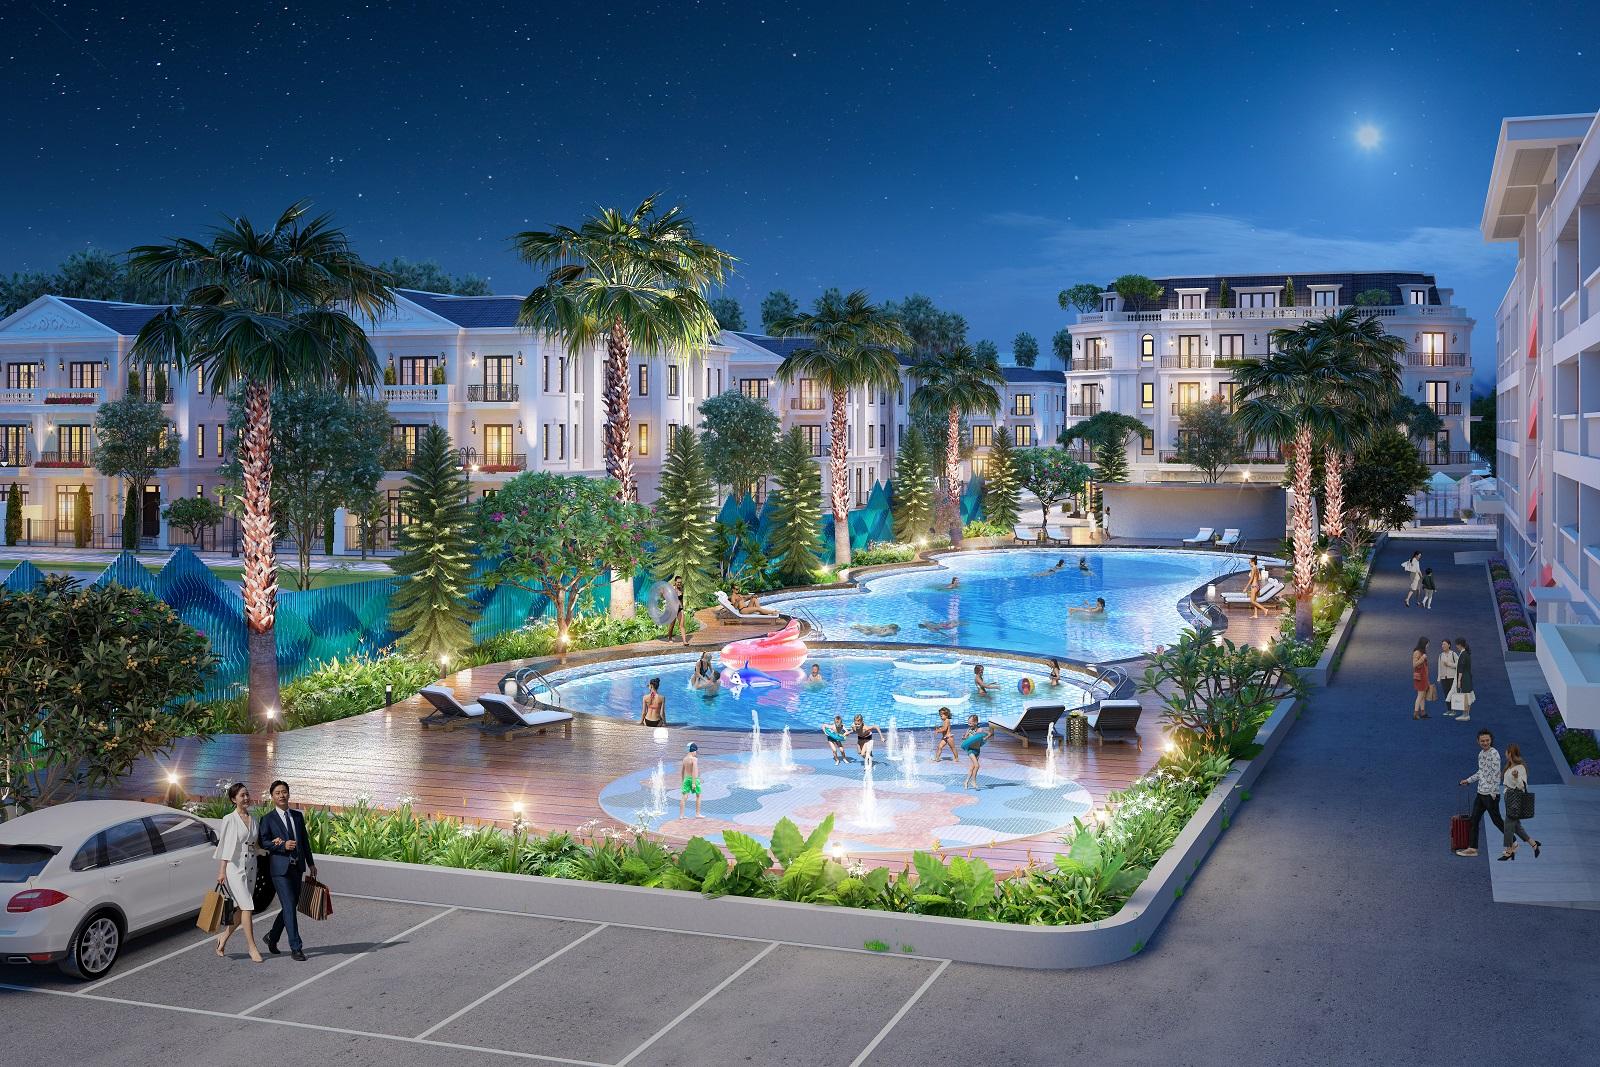 Biệt thự song lập Eurowindow Twin Parks Gia Lâm sở hữu không gian sống sang trọng, đẳng cấp bậc nhất Thủ đô Hà Nội